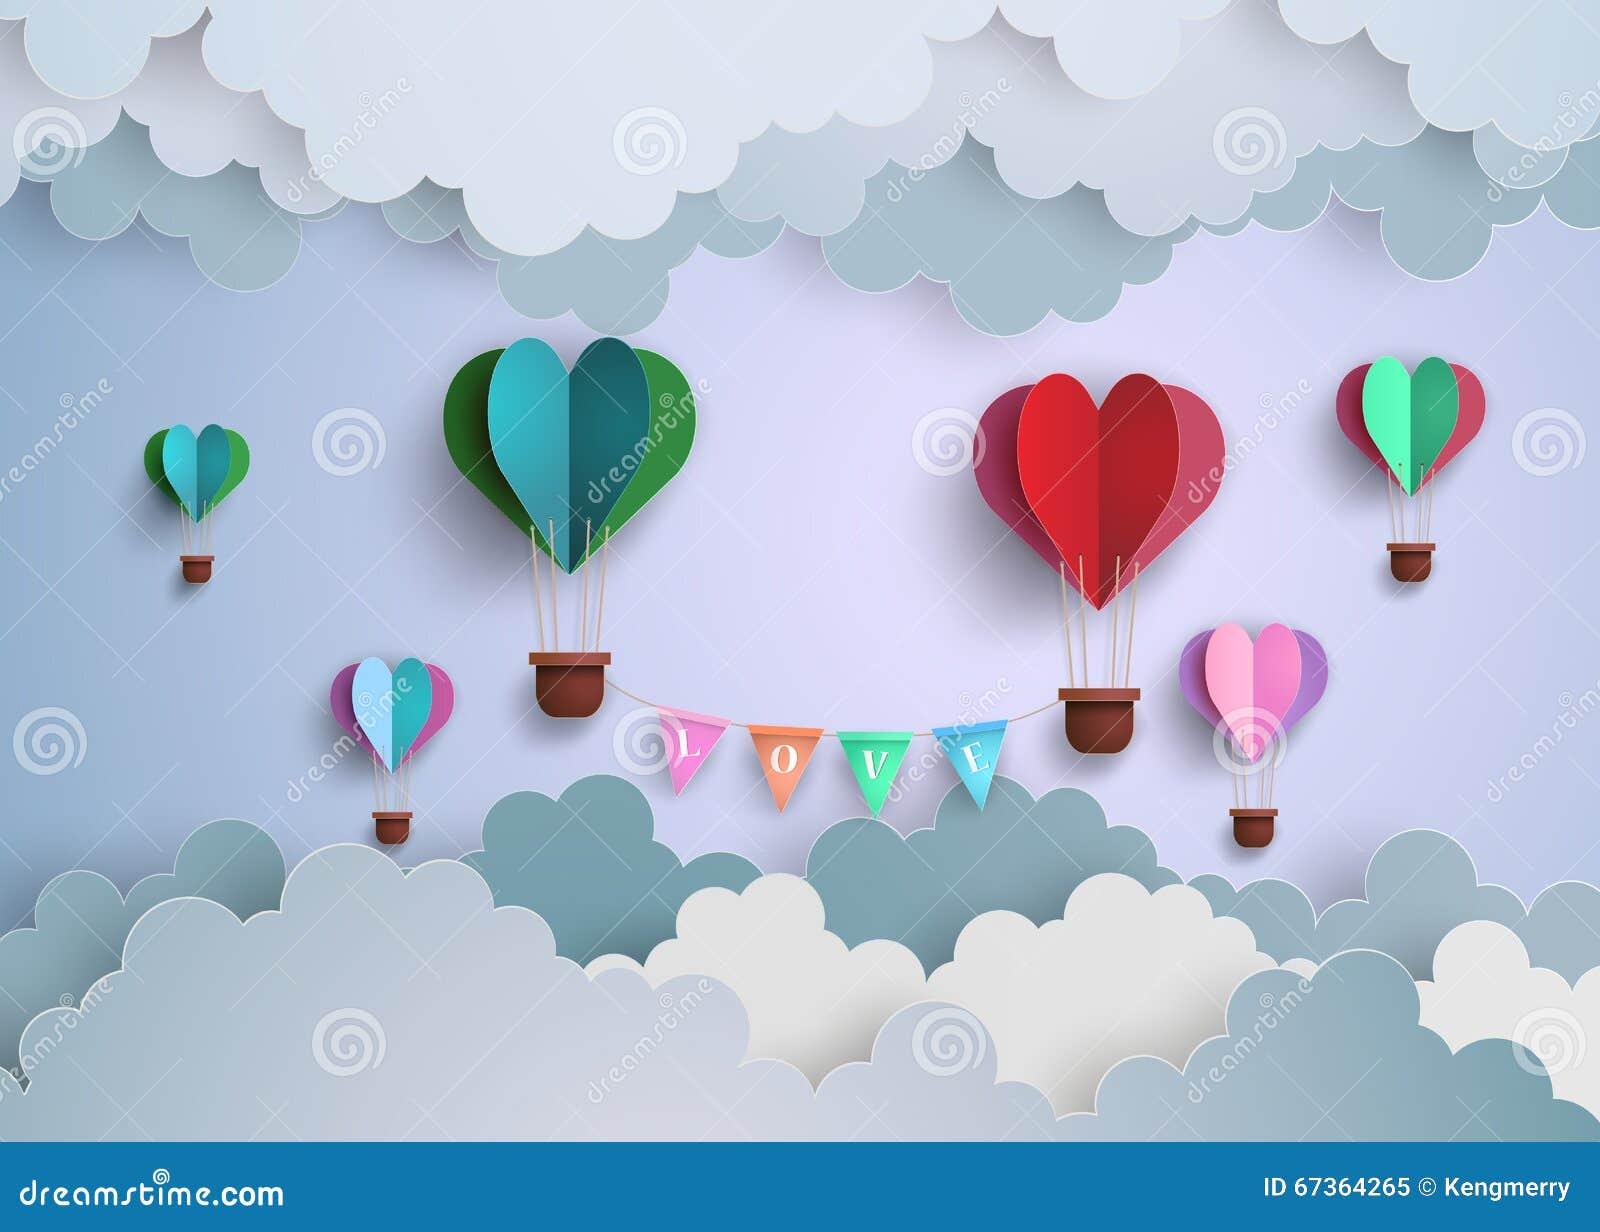 Hot air balloon in a heart shape cartoon vector cartoondealer hot air balloon in a heart shape cartoon vector cartoondealer 67364265 jeuxipadfo Choice Image